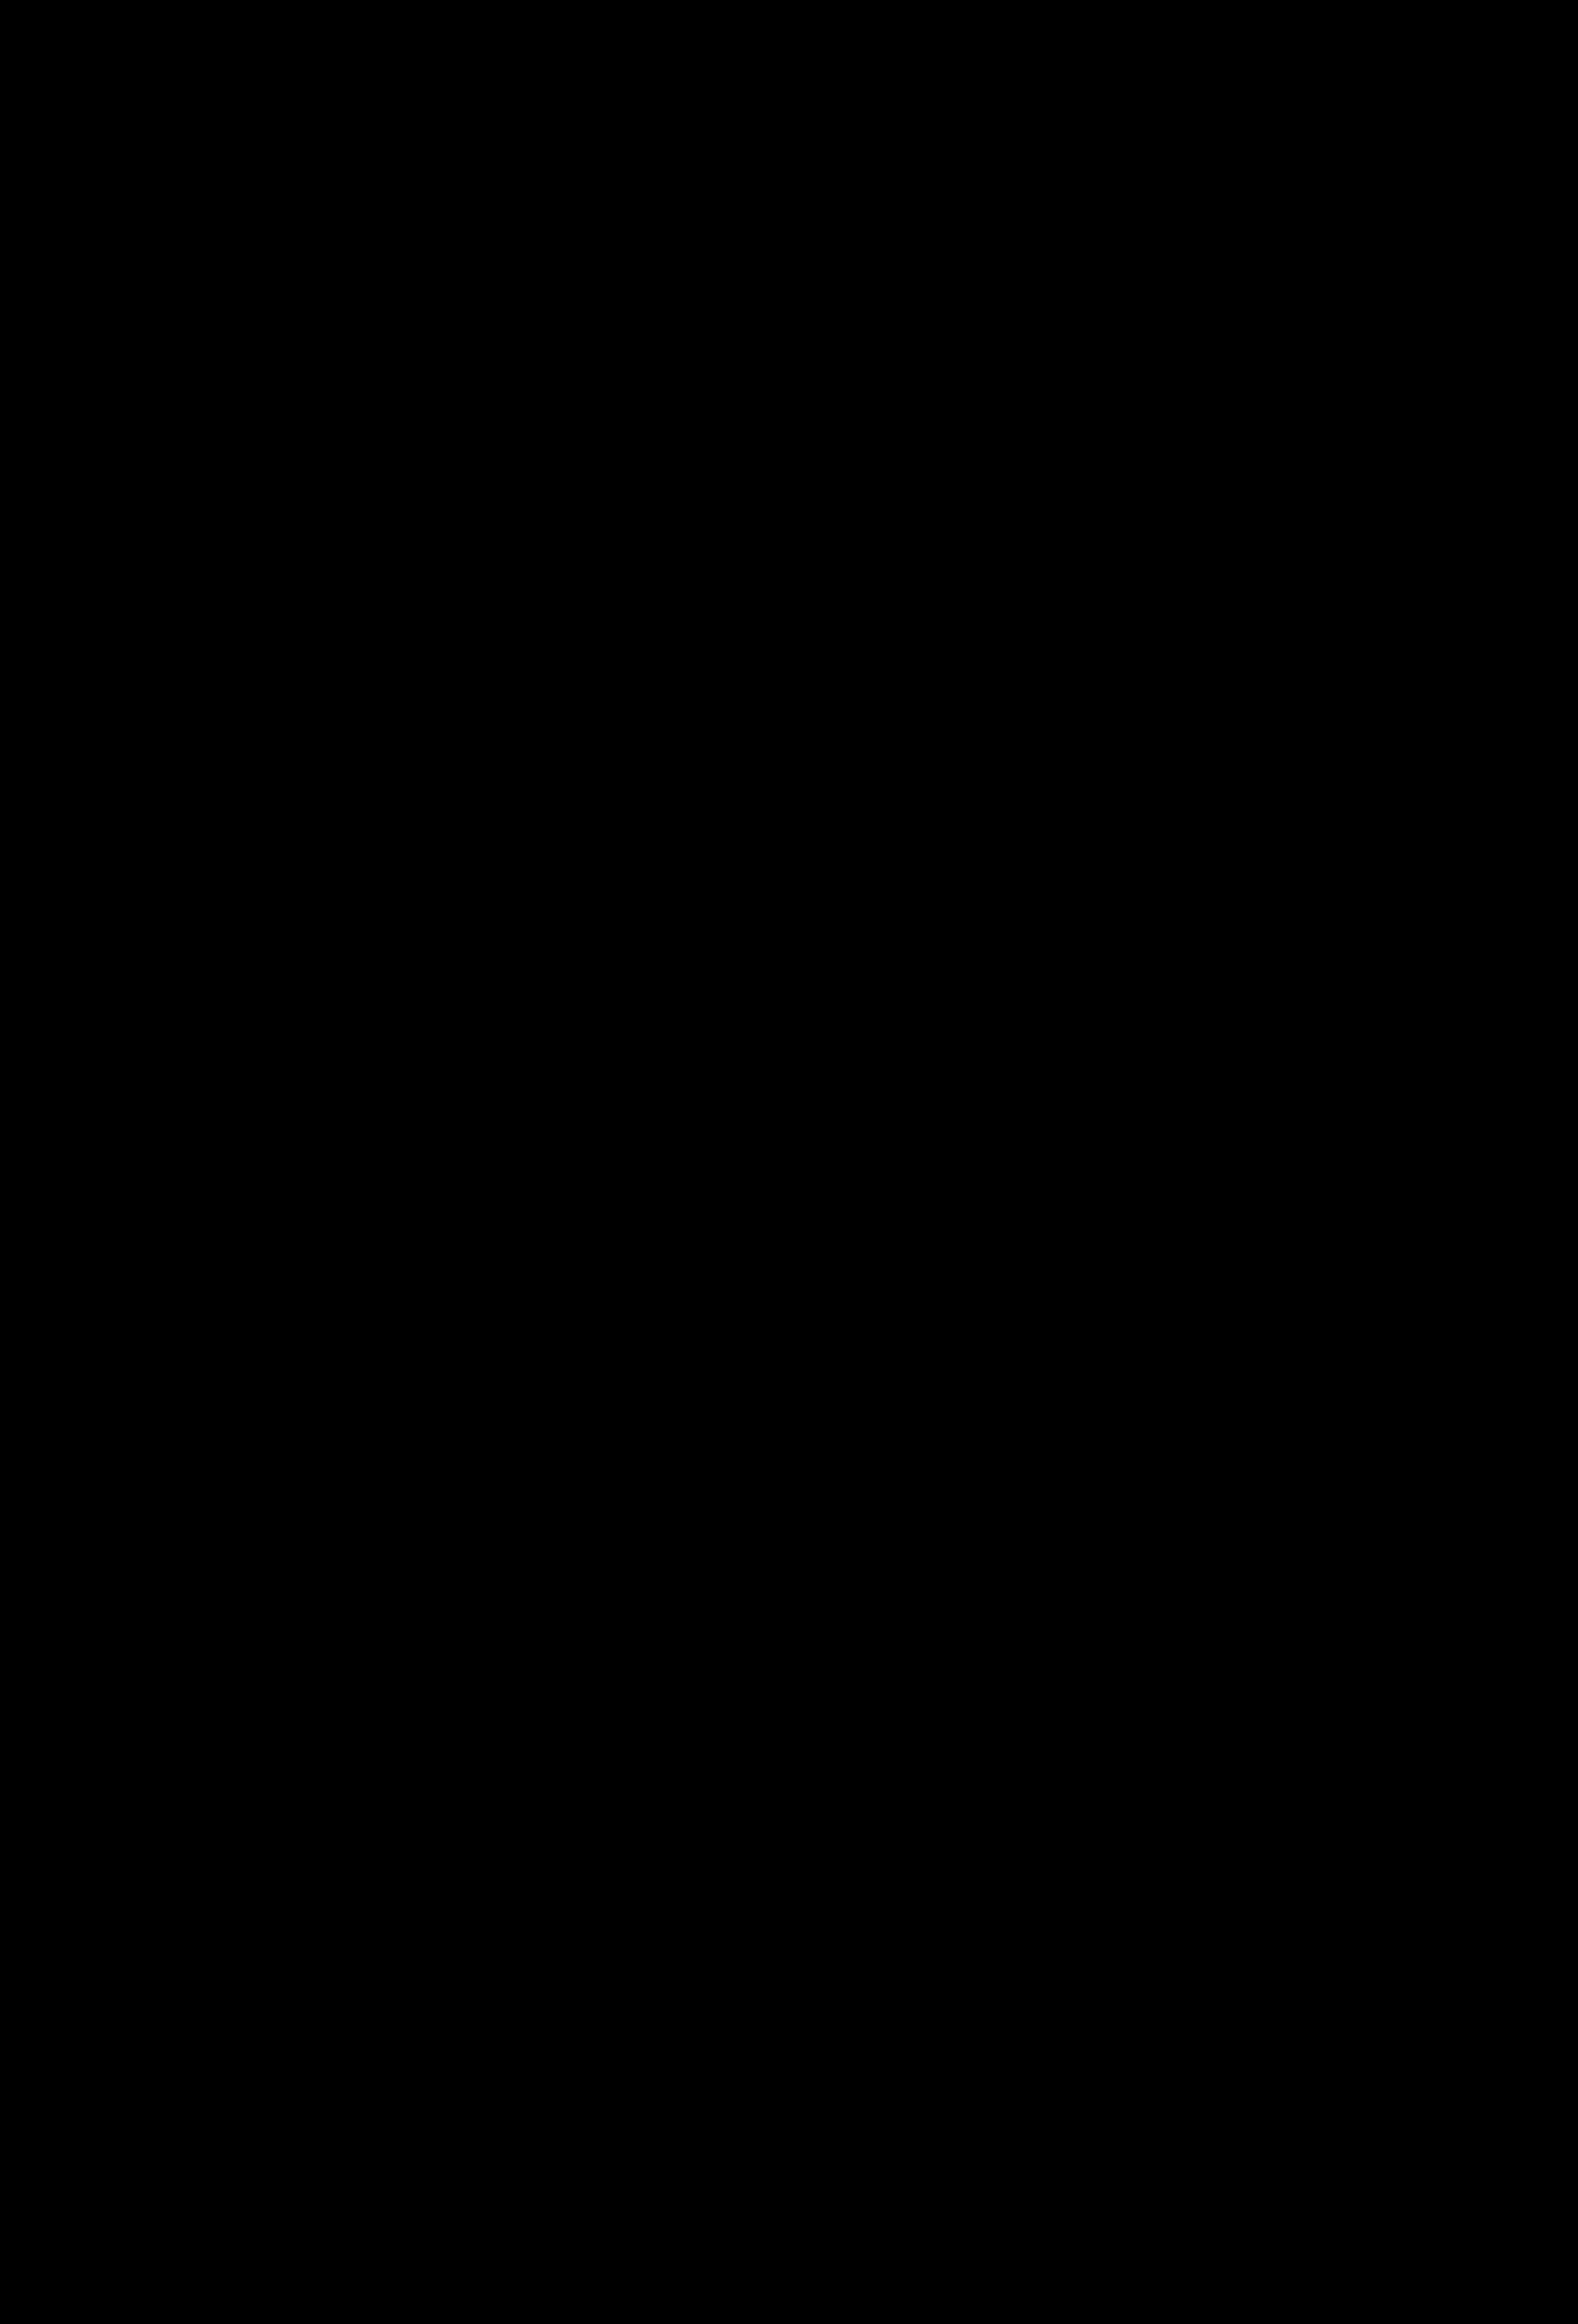 Рисунок музыканта с инструментом